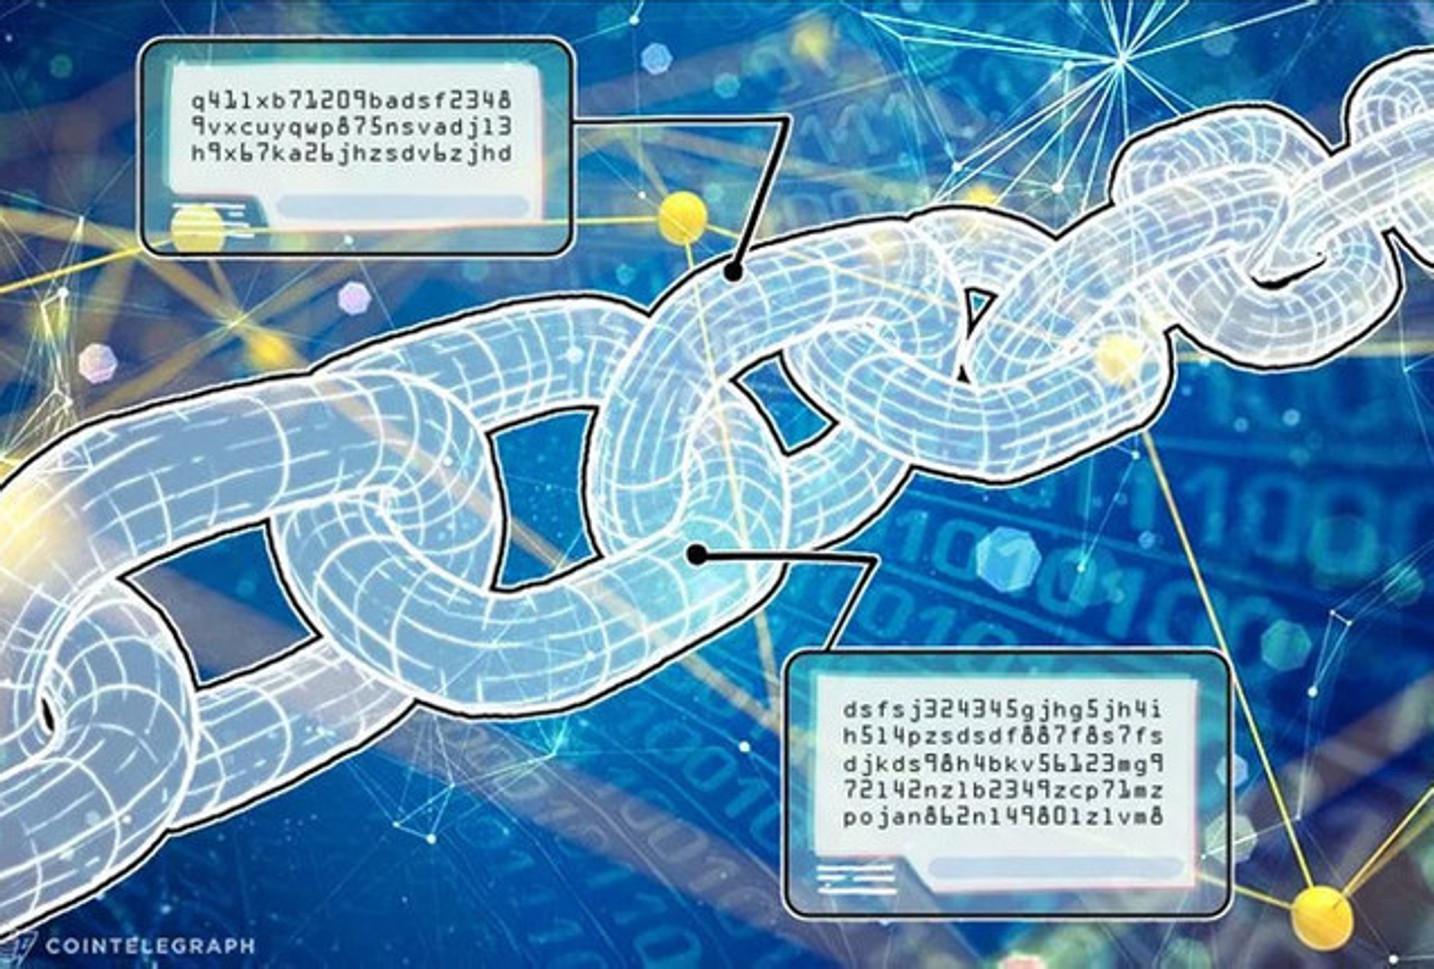 La hoja de ruta 4.0 para la industria minera en Chile propone el uso de la tecnología Blockchain para identificar nuevos activos